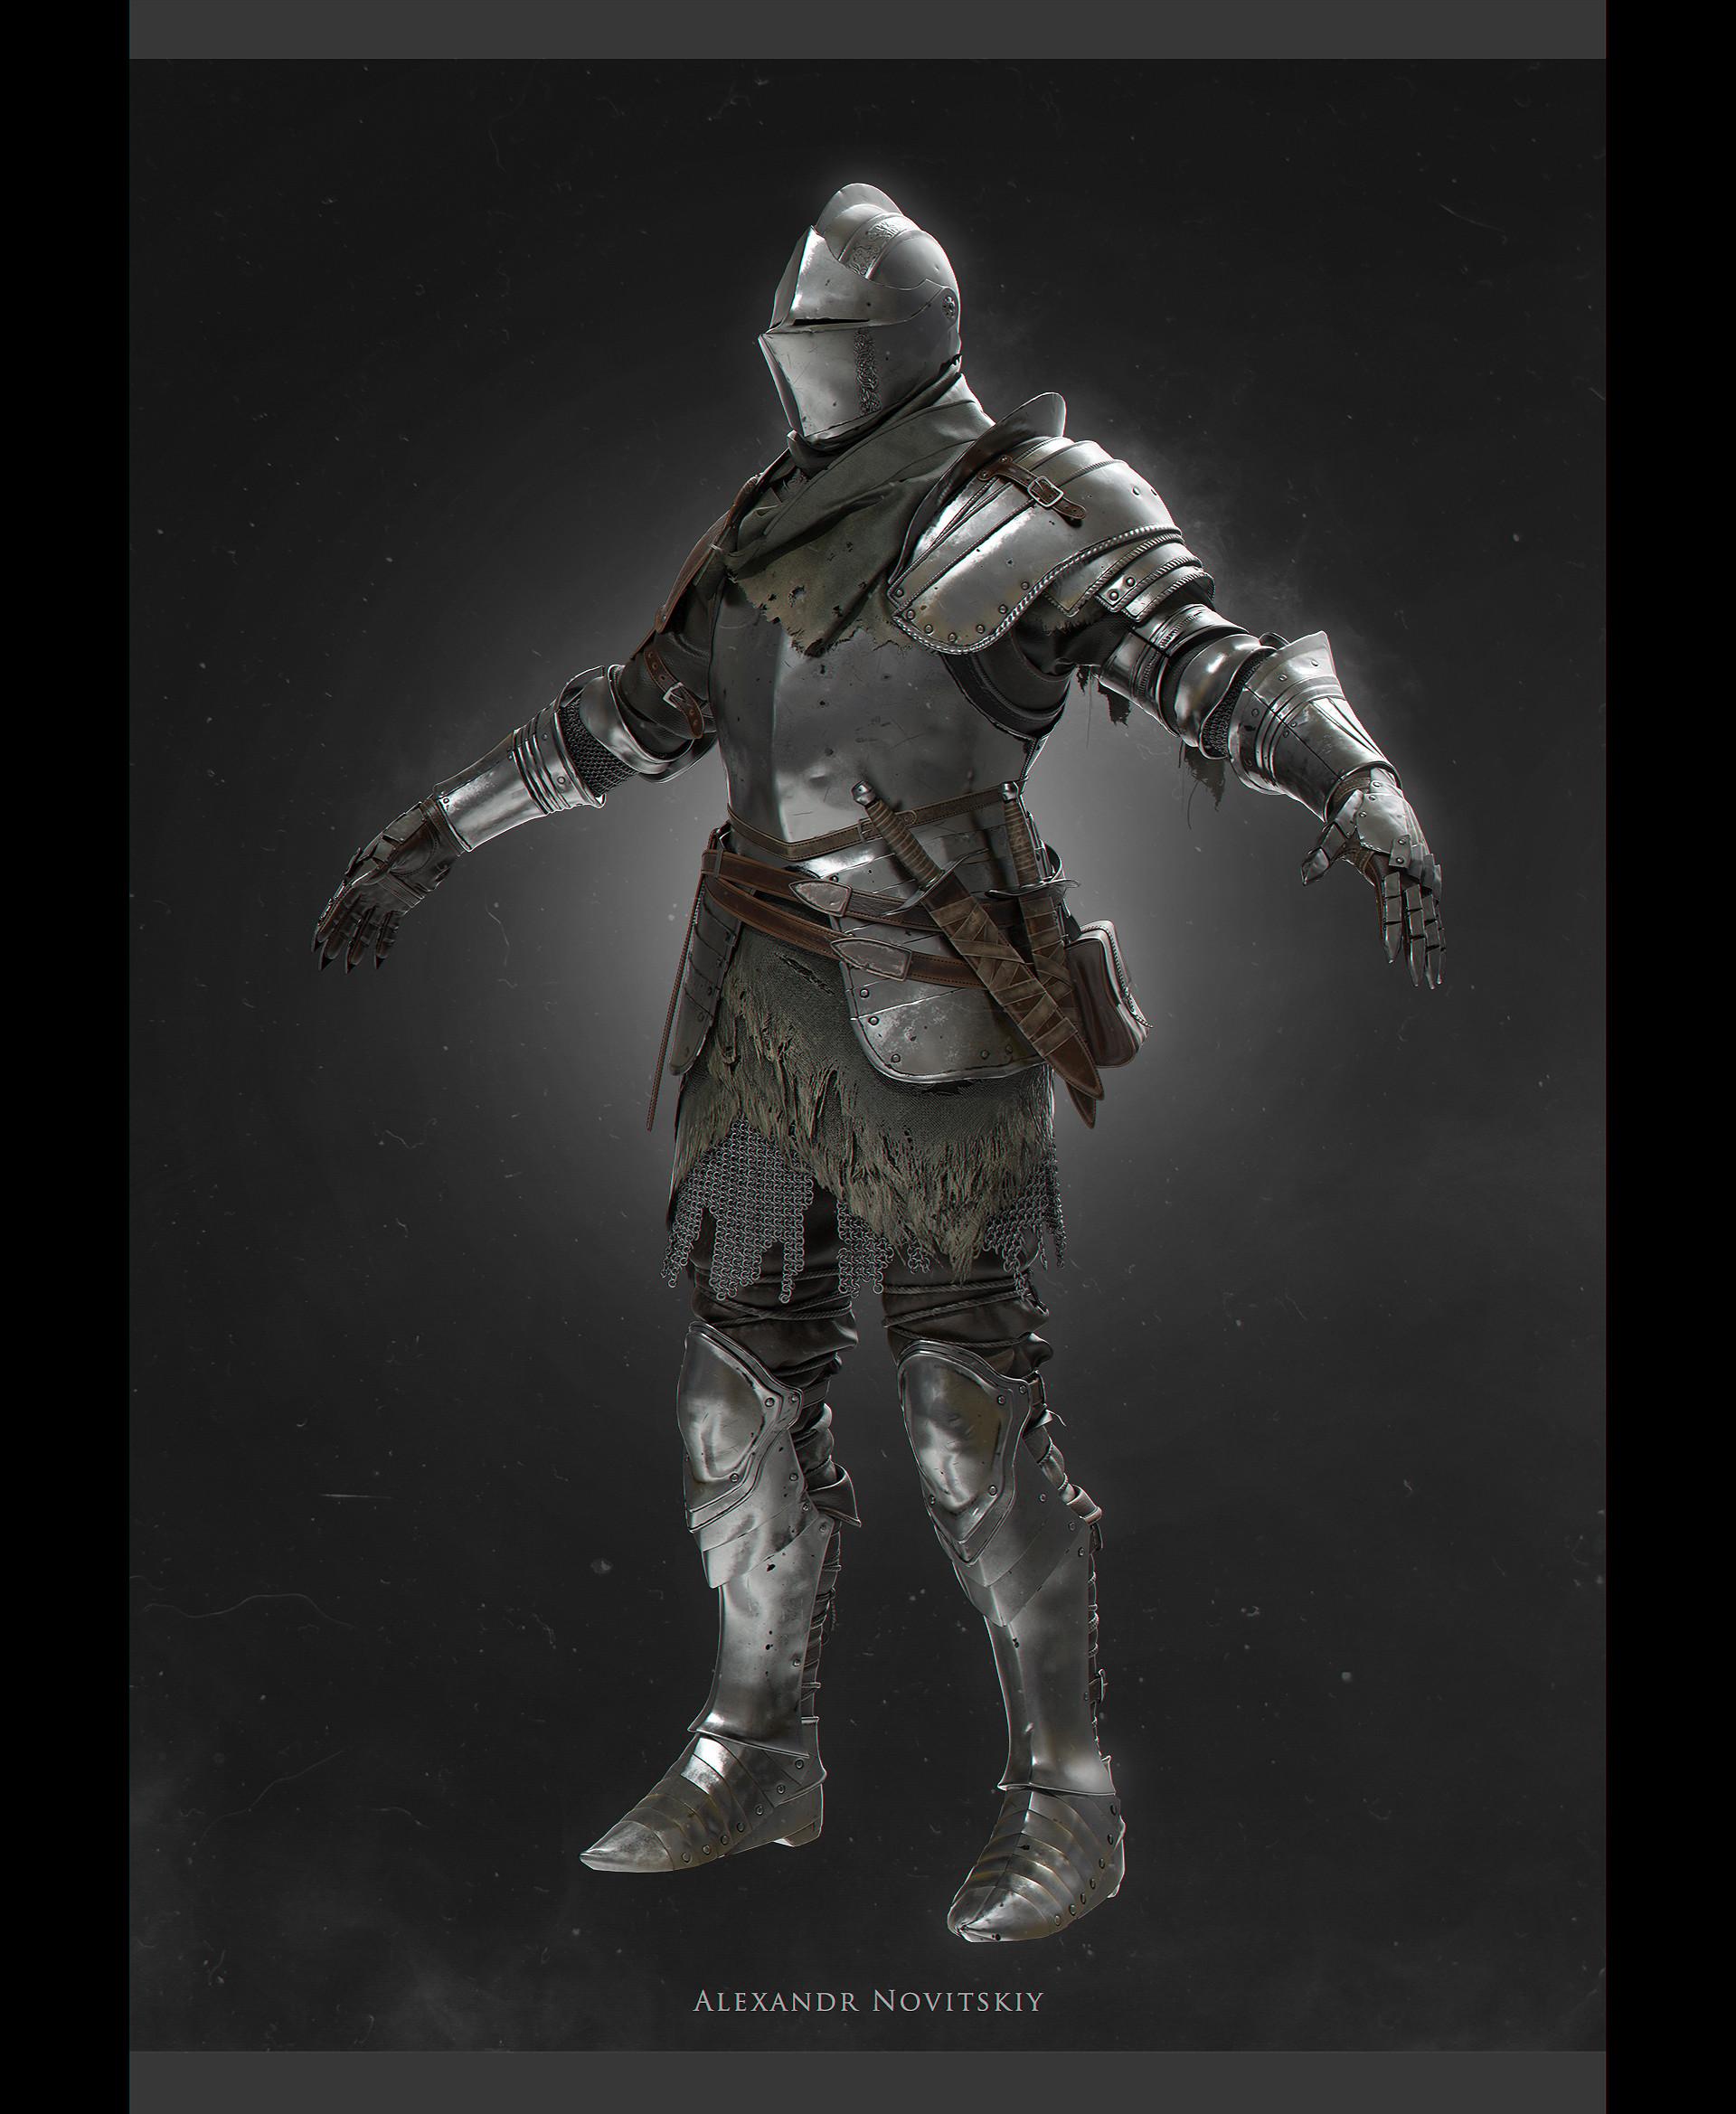 Alexandr novitskiy dark knight one